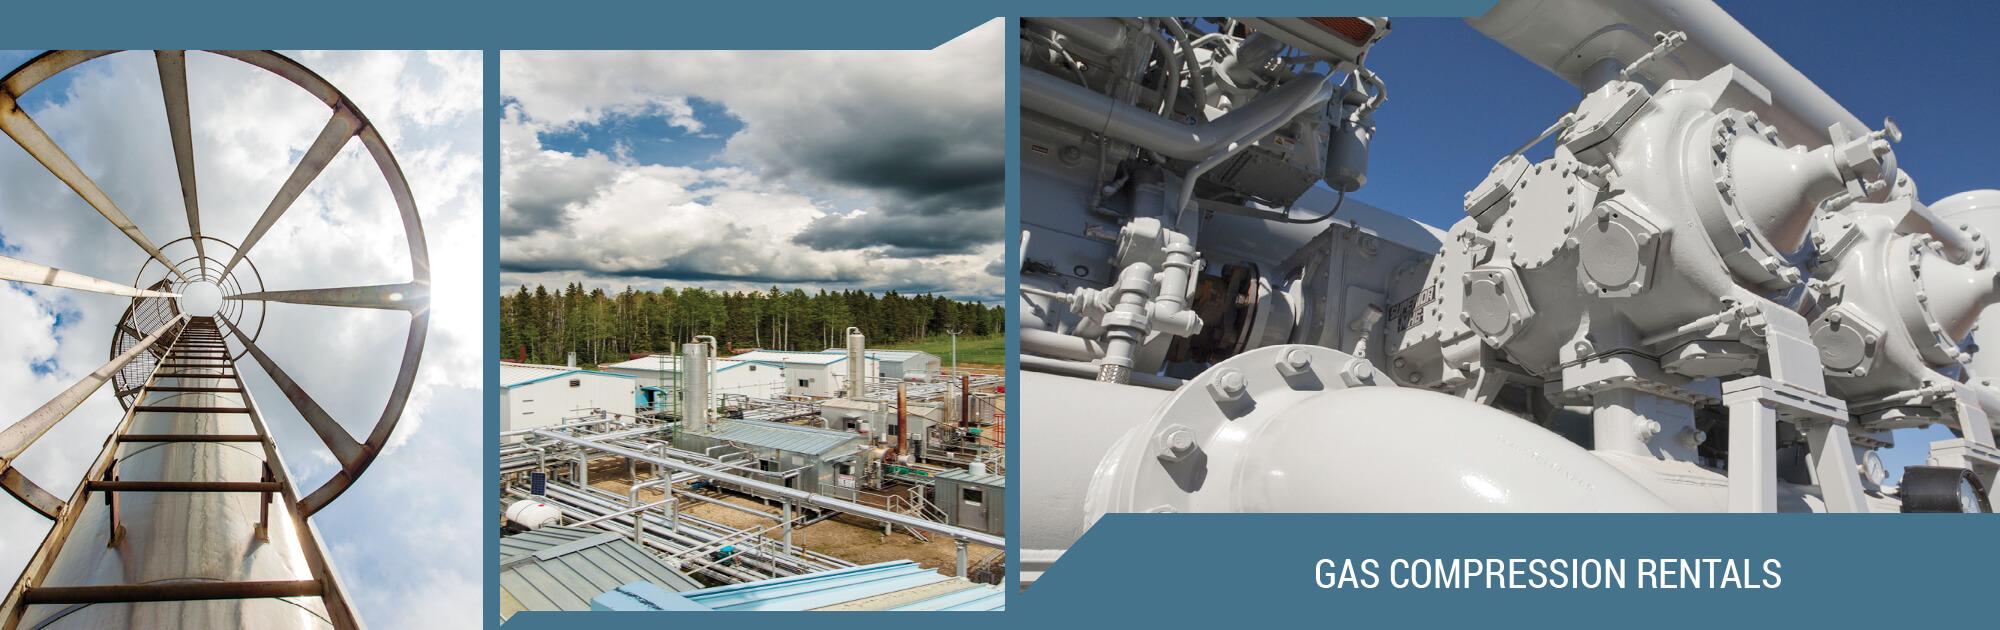 Gass Compressor Rentals Service